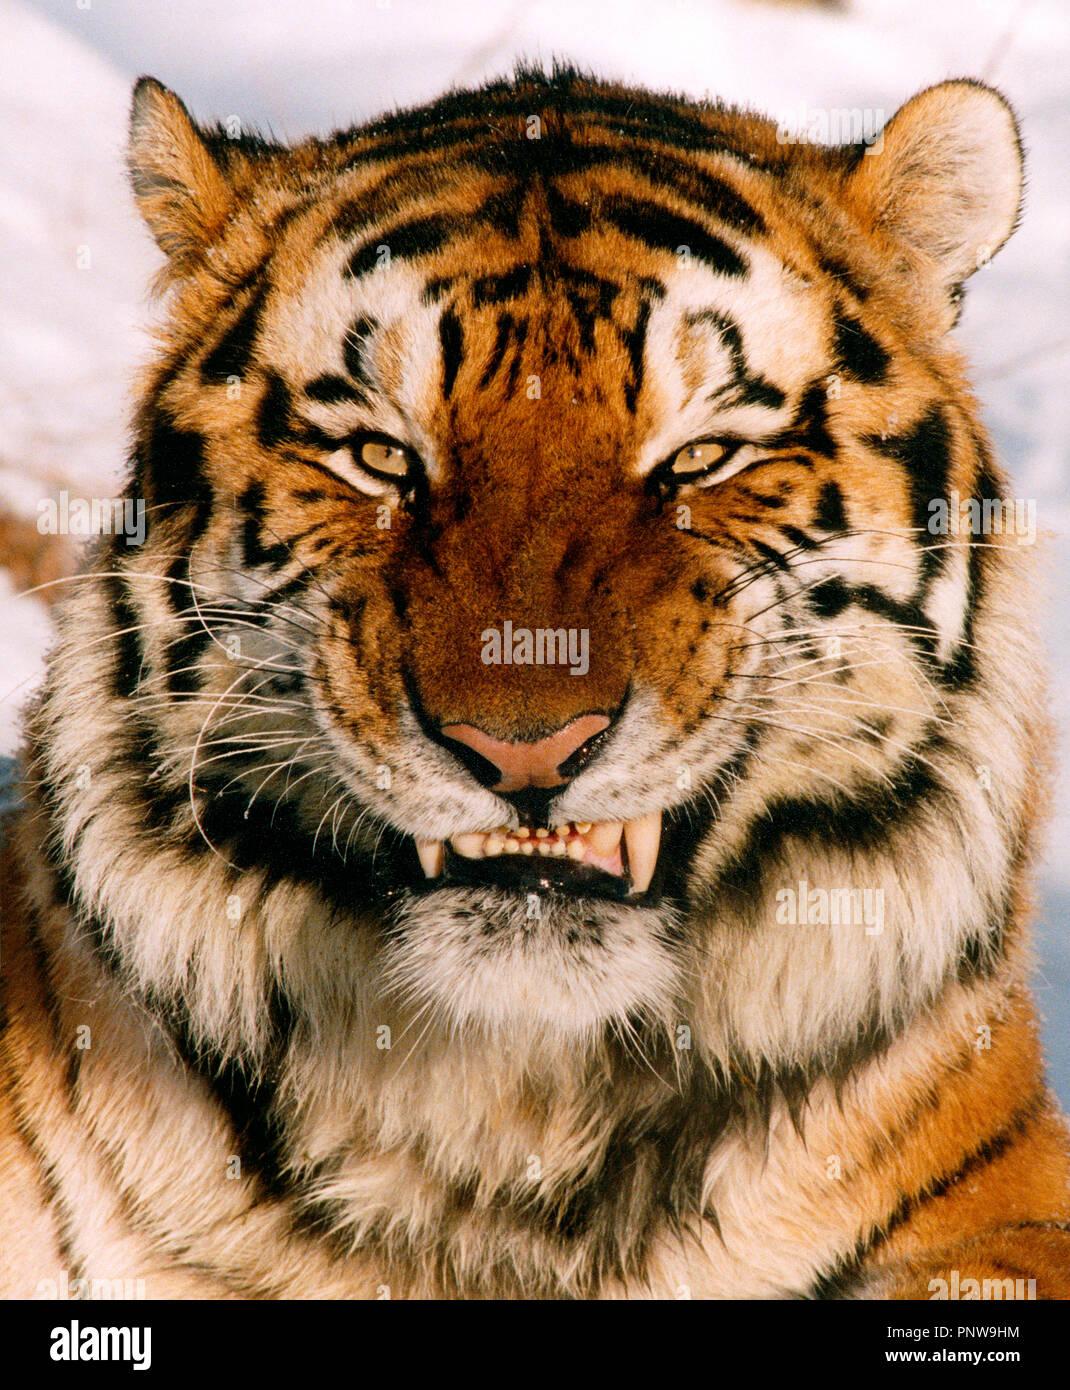 Outdoor close up ritratto di feroce ringhiando tigre siberiana. La Russia. Immagini Stock